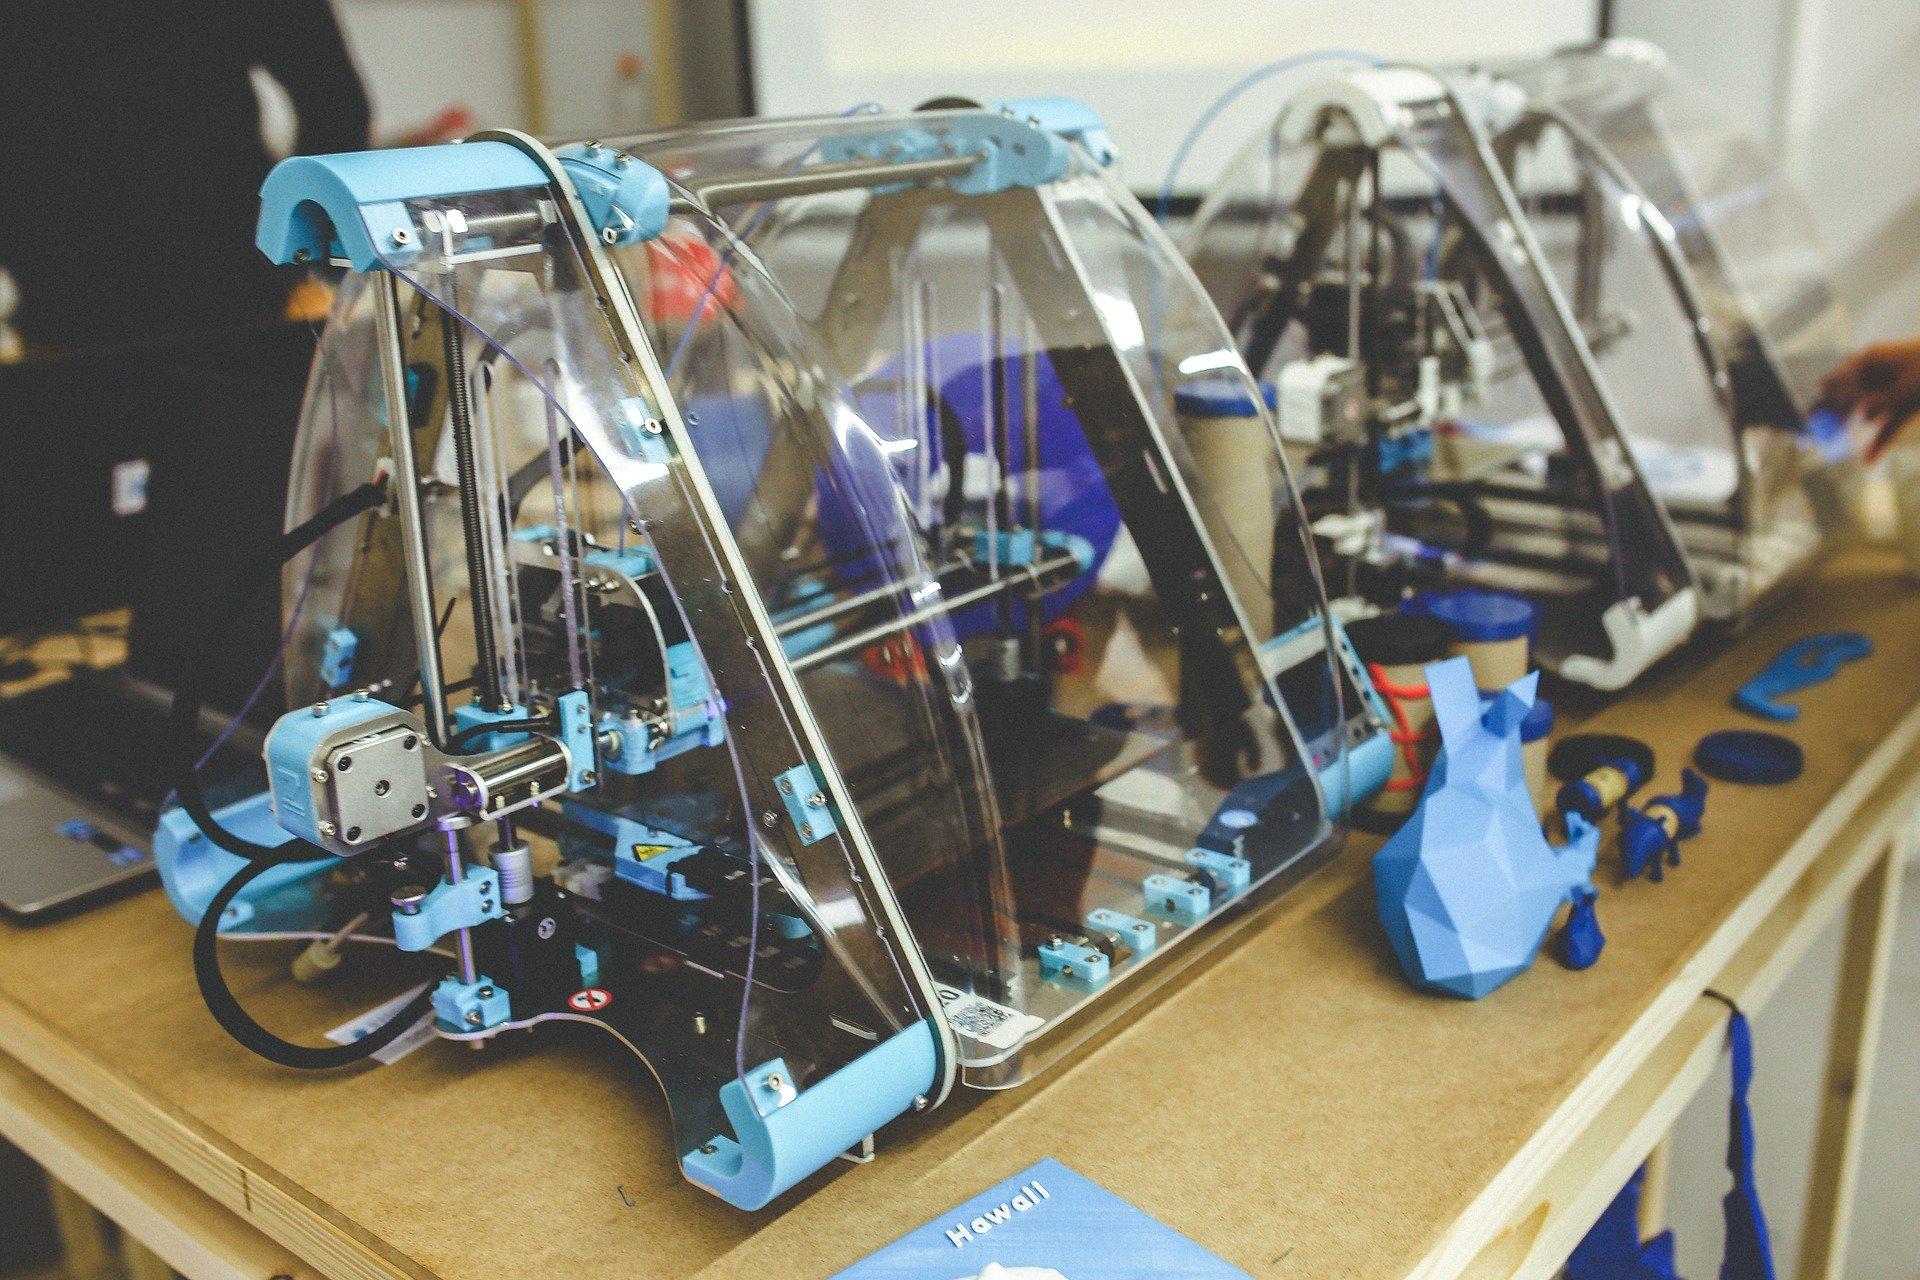 אילו חומרים צריך להדפסת תלת מימד?